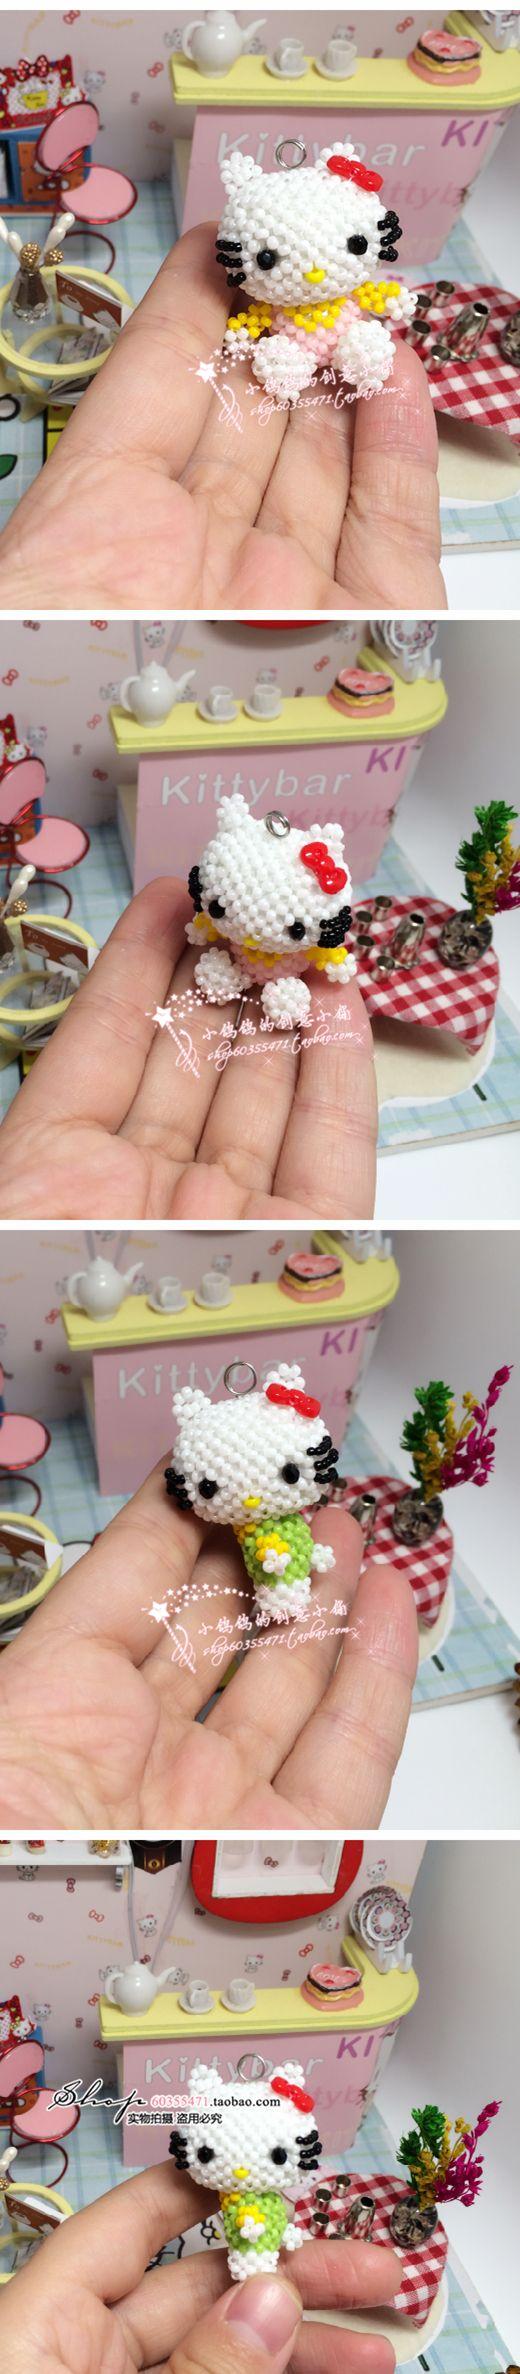 DIY串珠材料包 日本TOHO米珠 一套含4个kitty 视频教学 新手推荐-淘宝网全球站